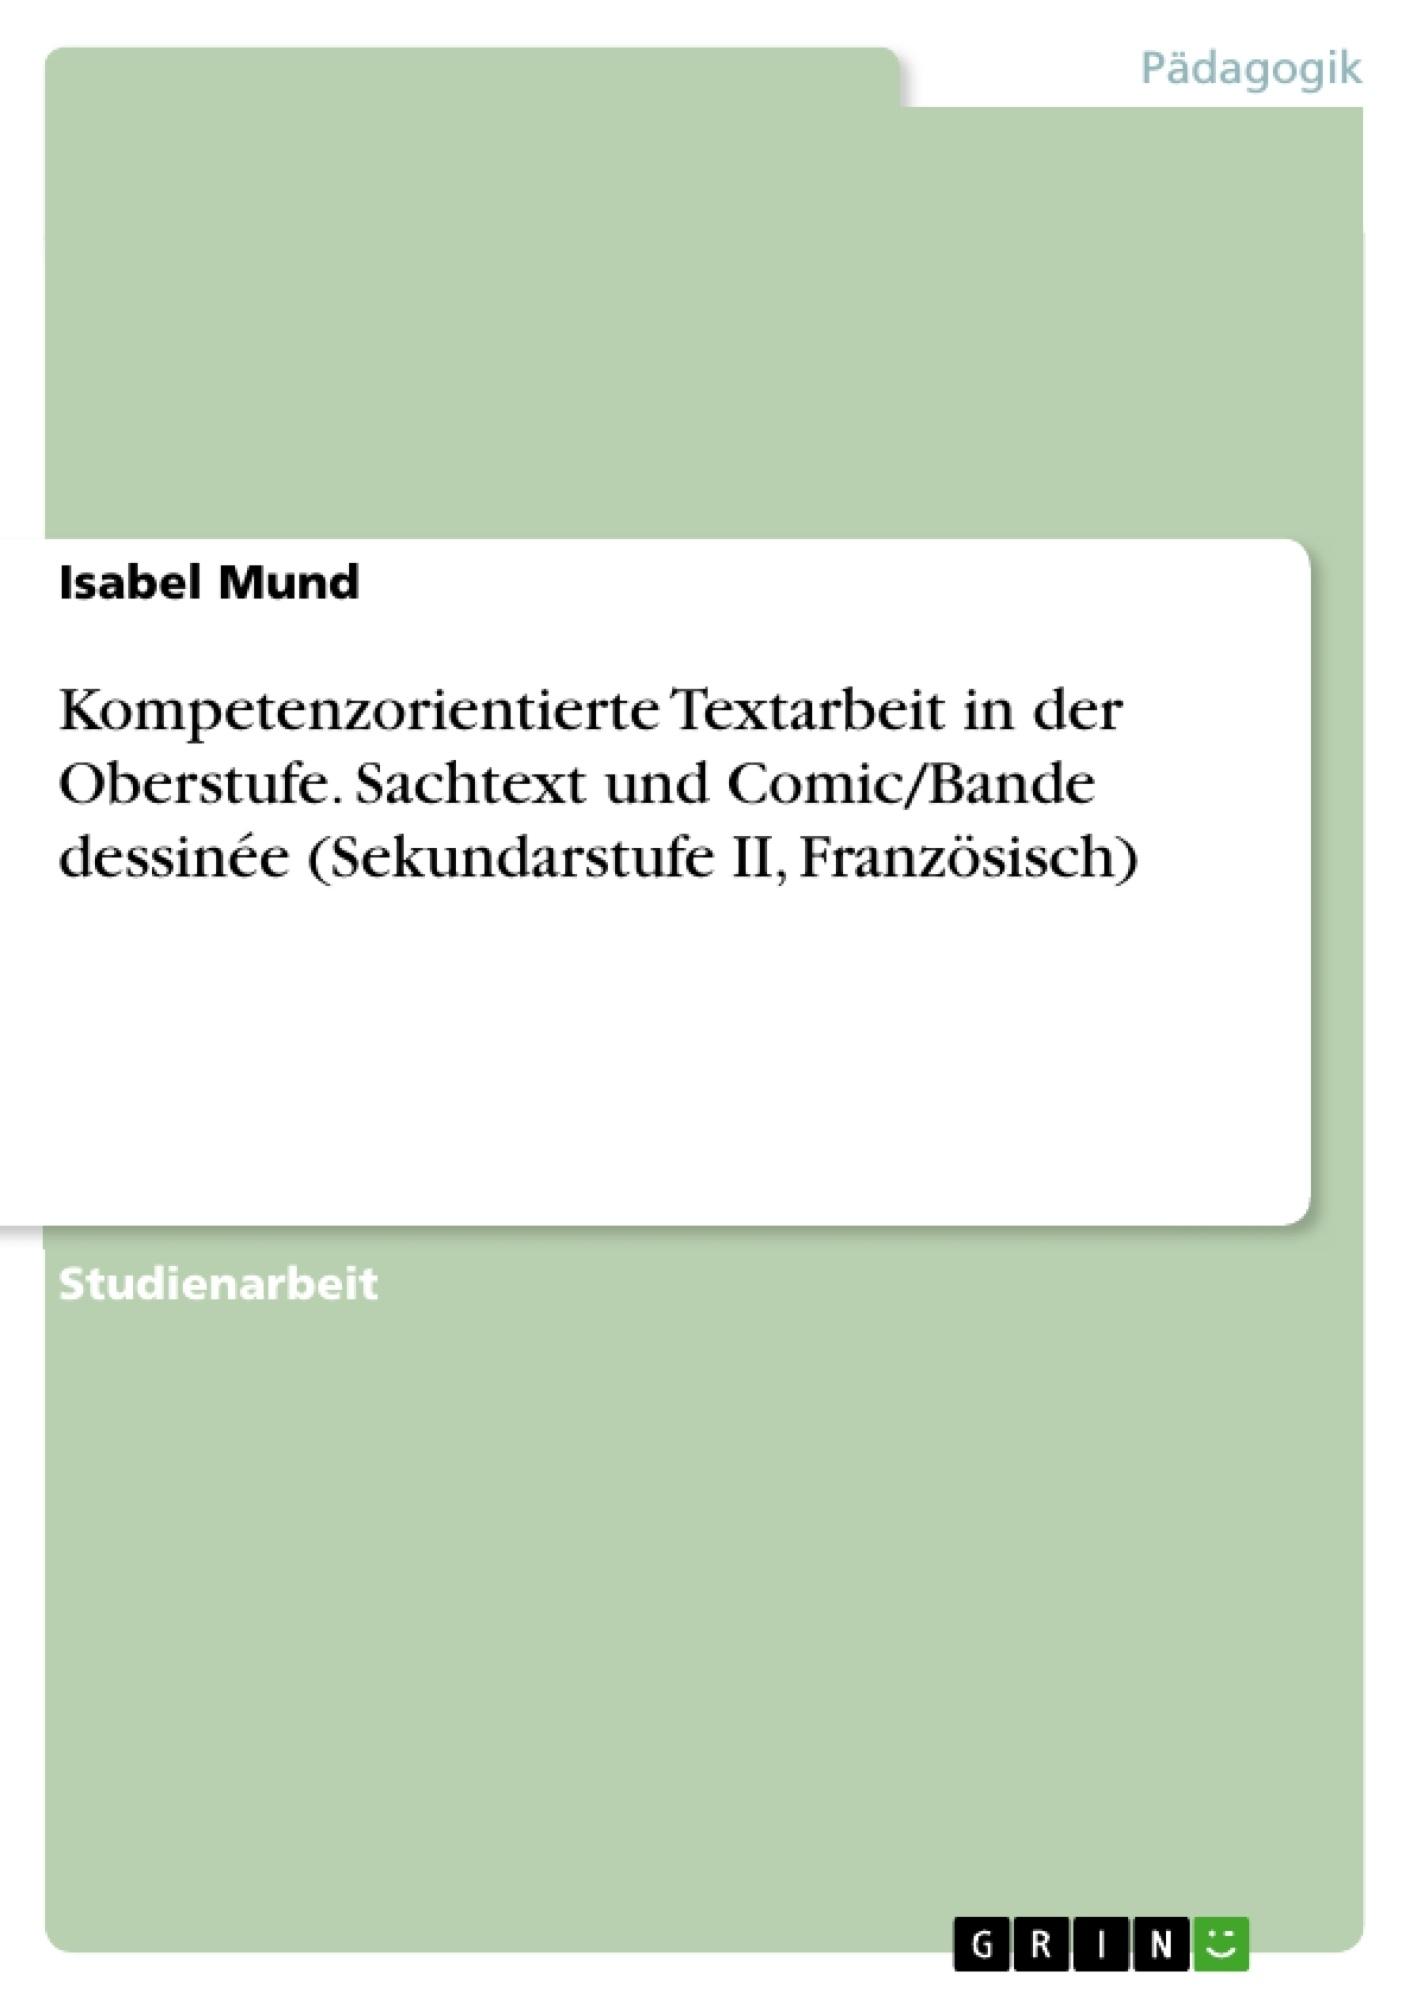 Titel: Kompetenzorientierte Textarbeit in der Oberstufe. Sachtext und Comic/Bande dessinée (Sekundarstufe II, Französisch)